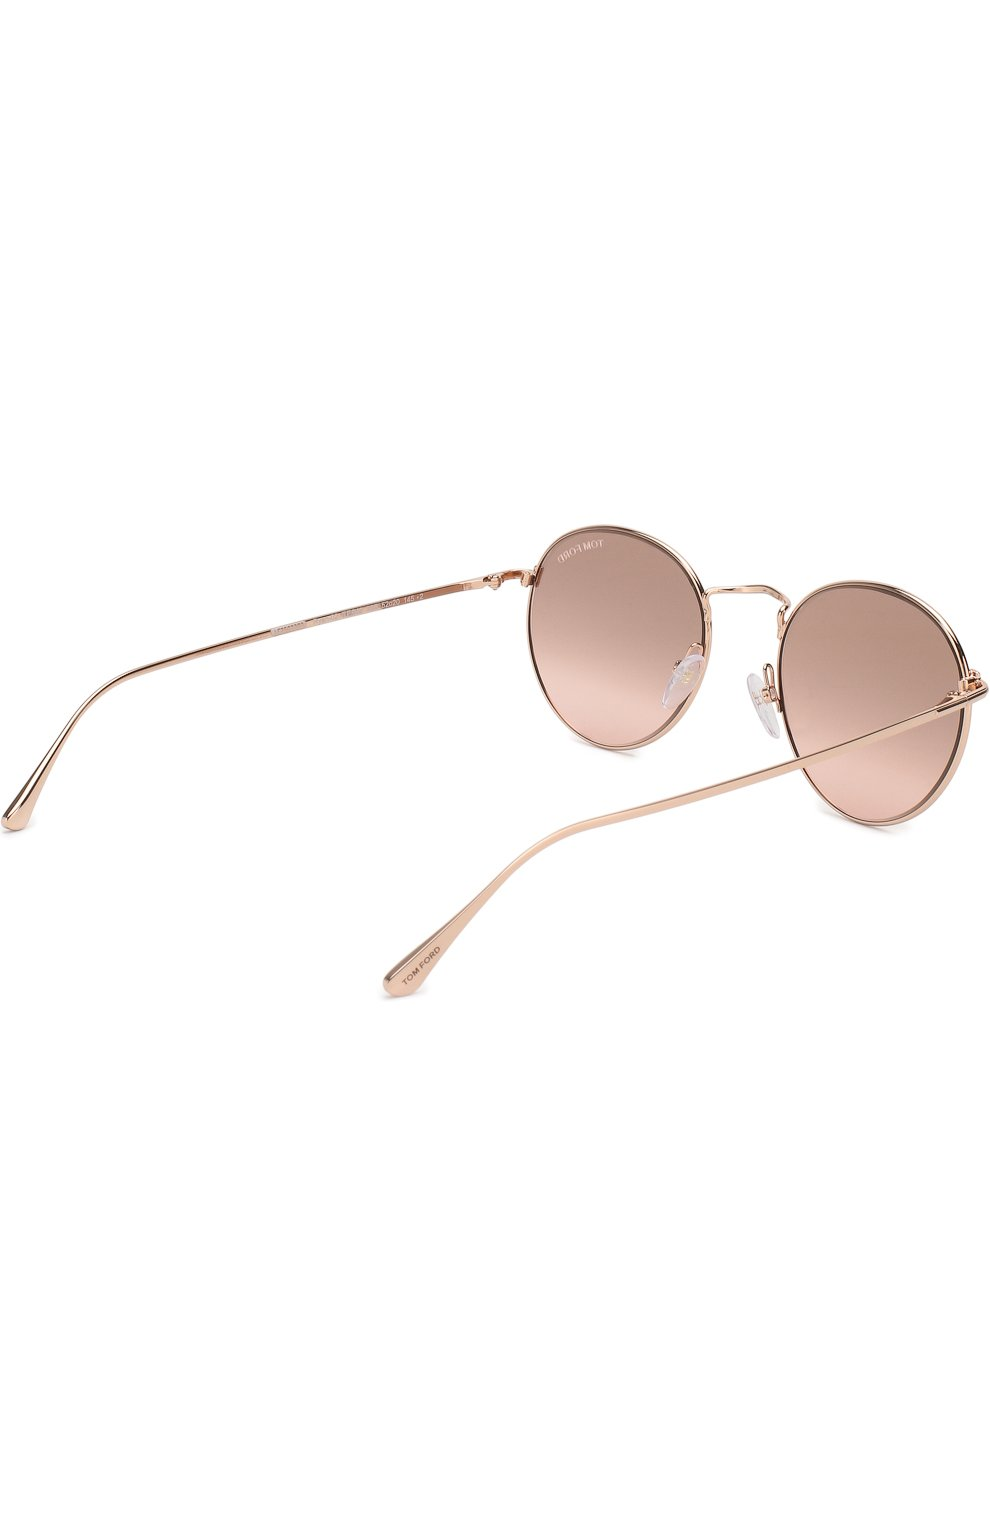 Женские солнцезащитные очки TOM FORD светло-розового цвета, арт. TF649 33Z | Фото 4